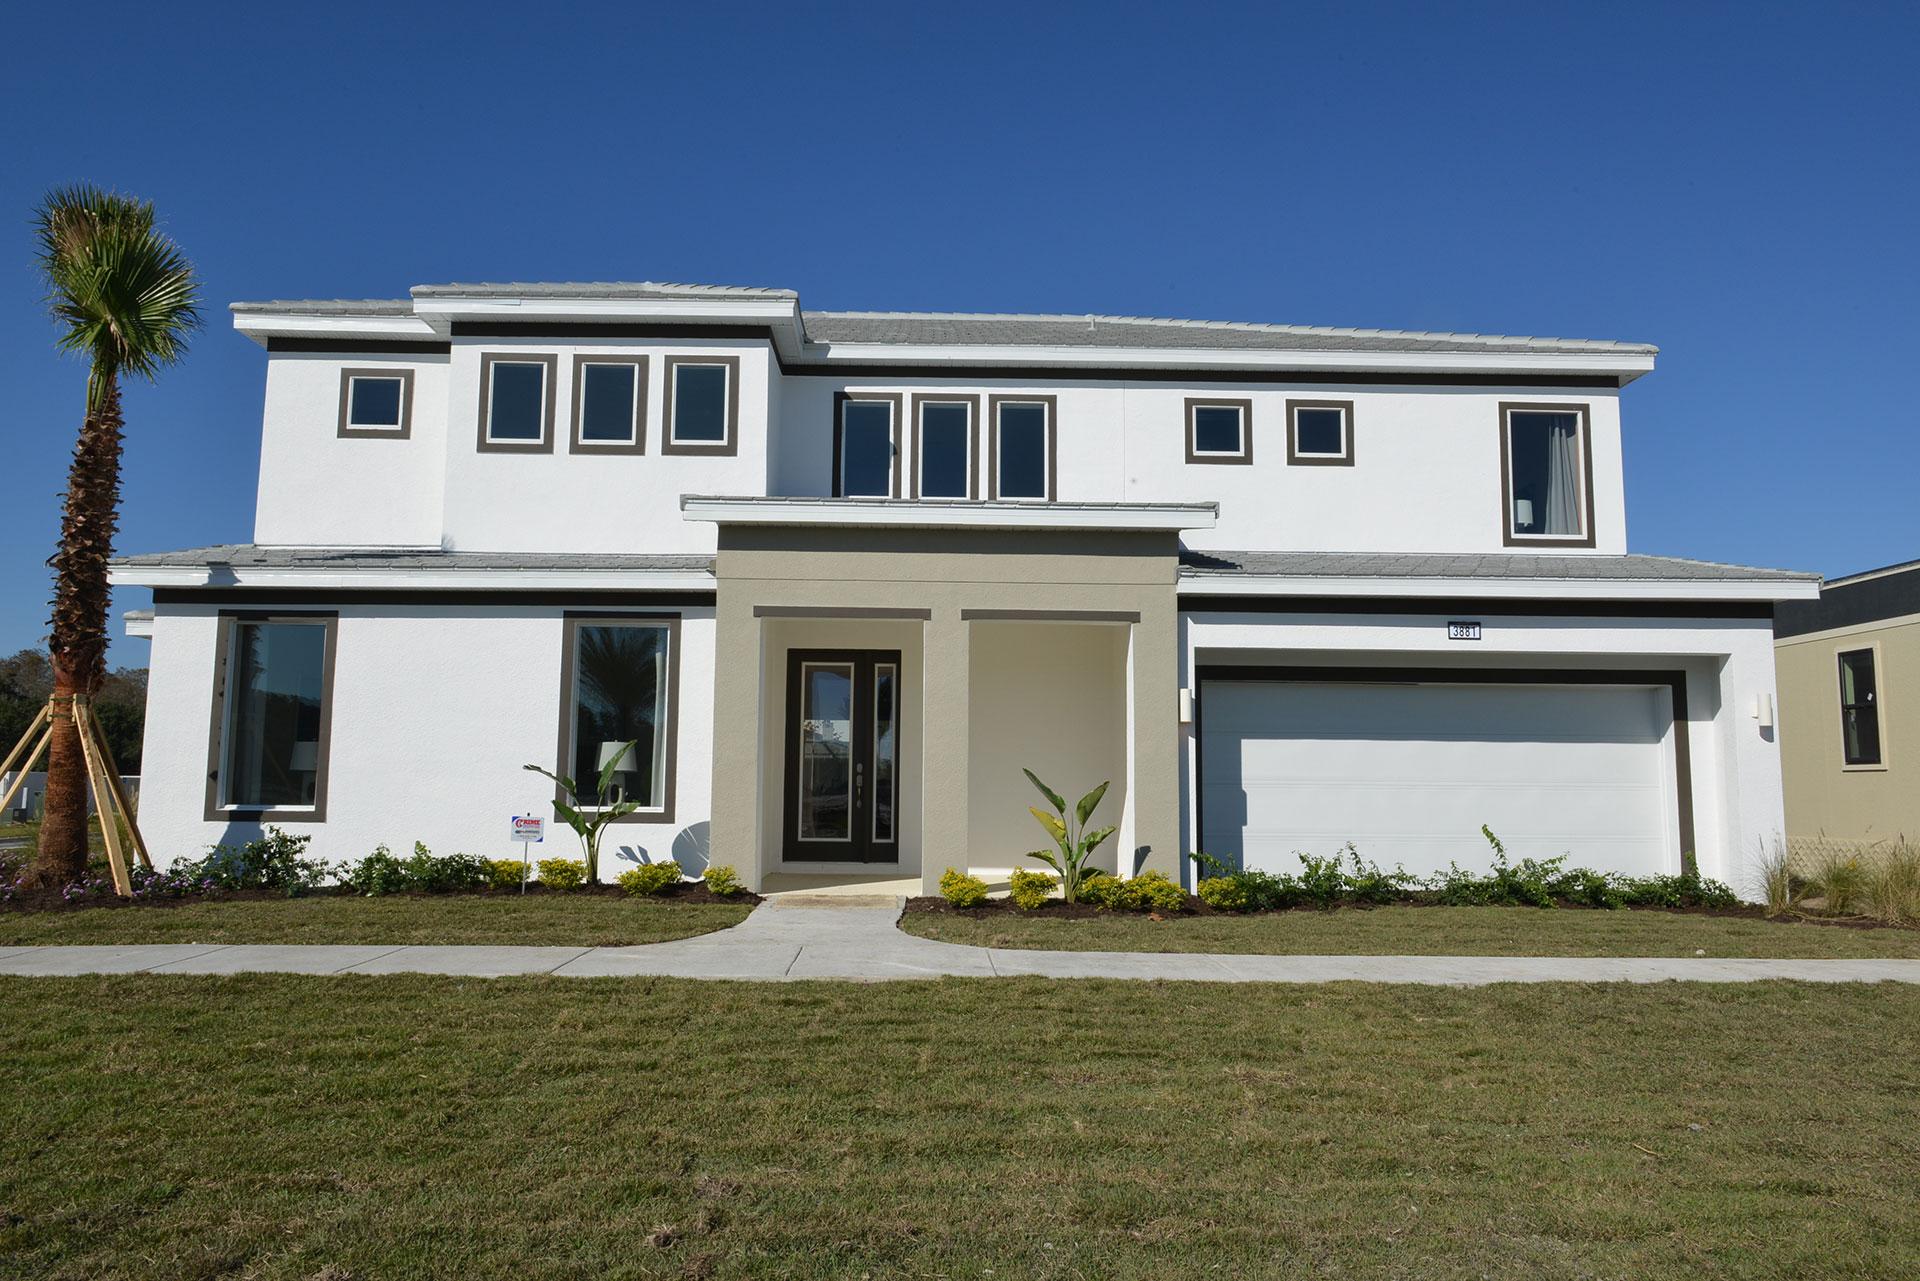 model-home-sonoma-resort-01.jpg